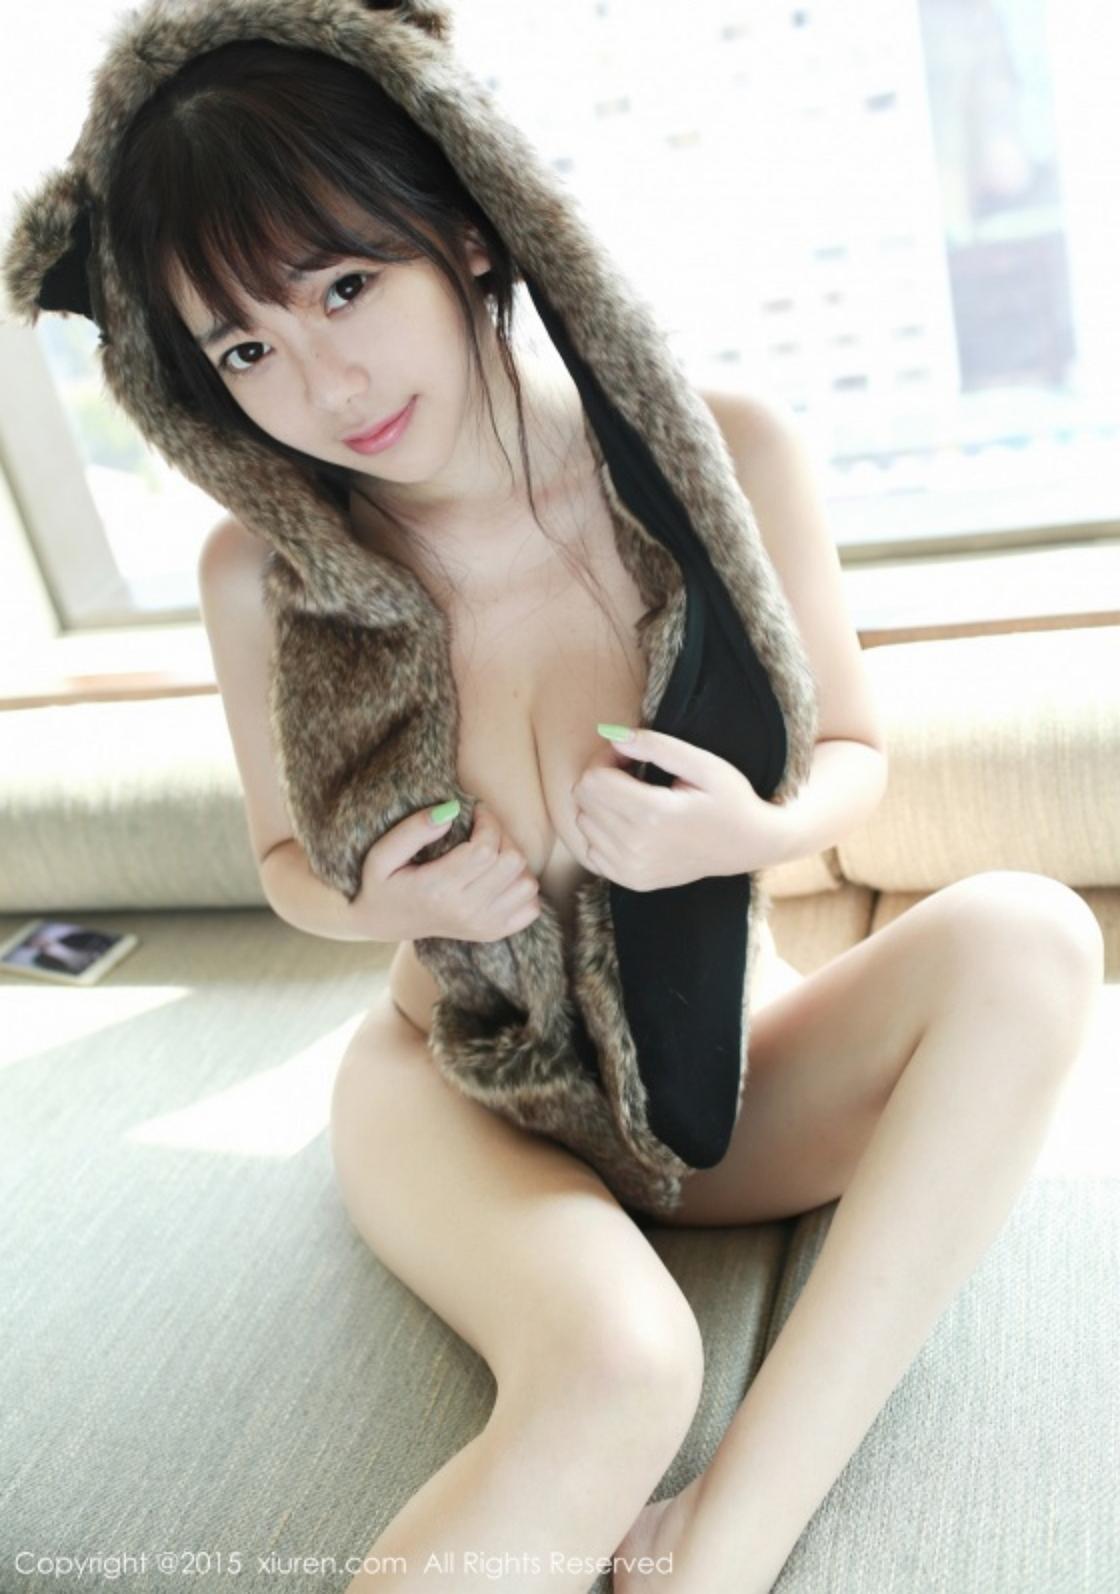 323%2B%252819%2529 - Beautiful Nude Girl XIUREN NO.323 FAYE